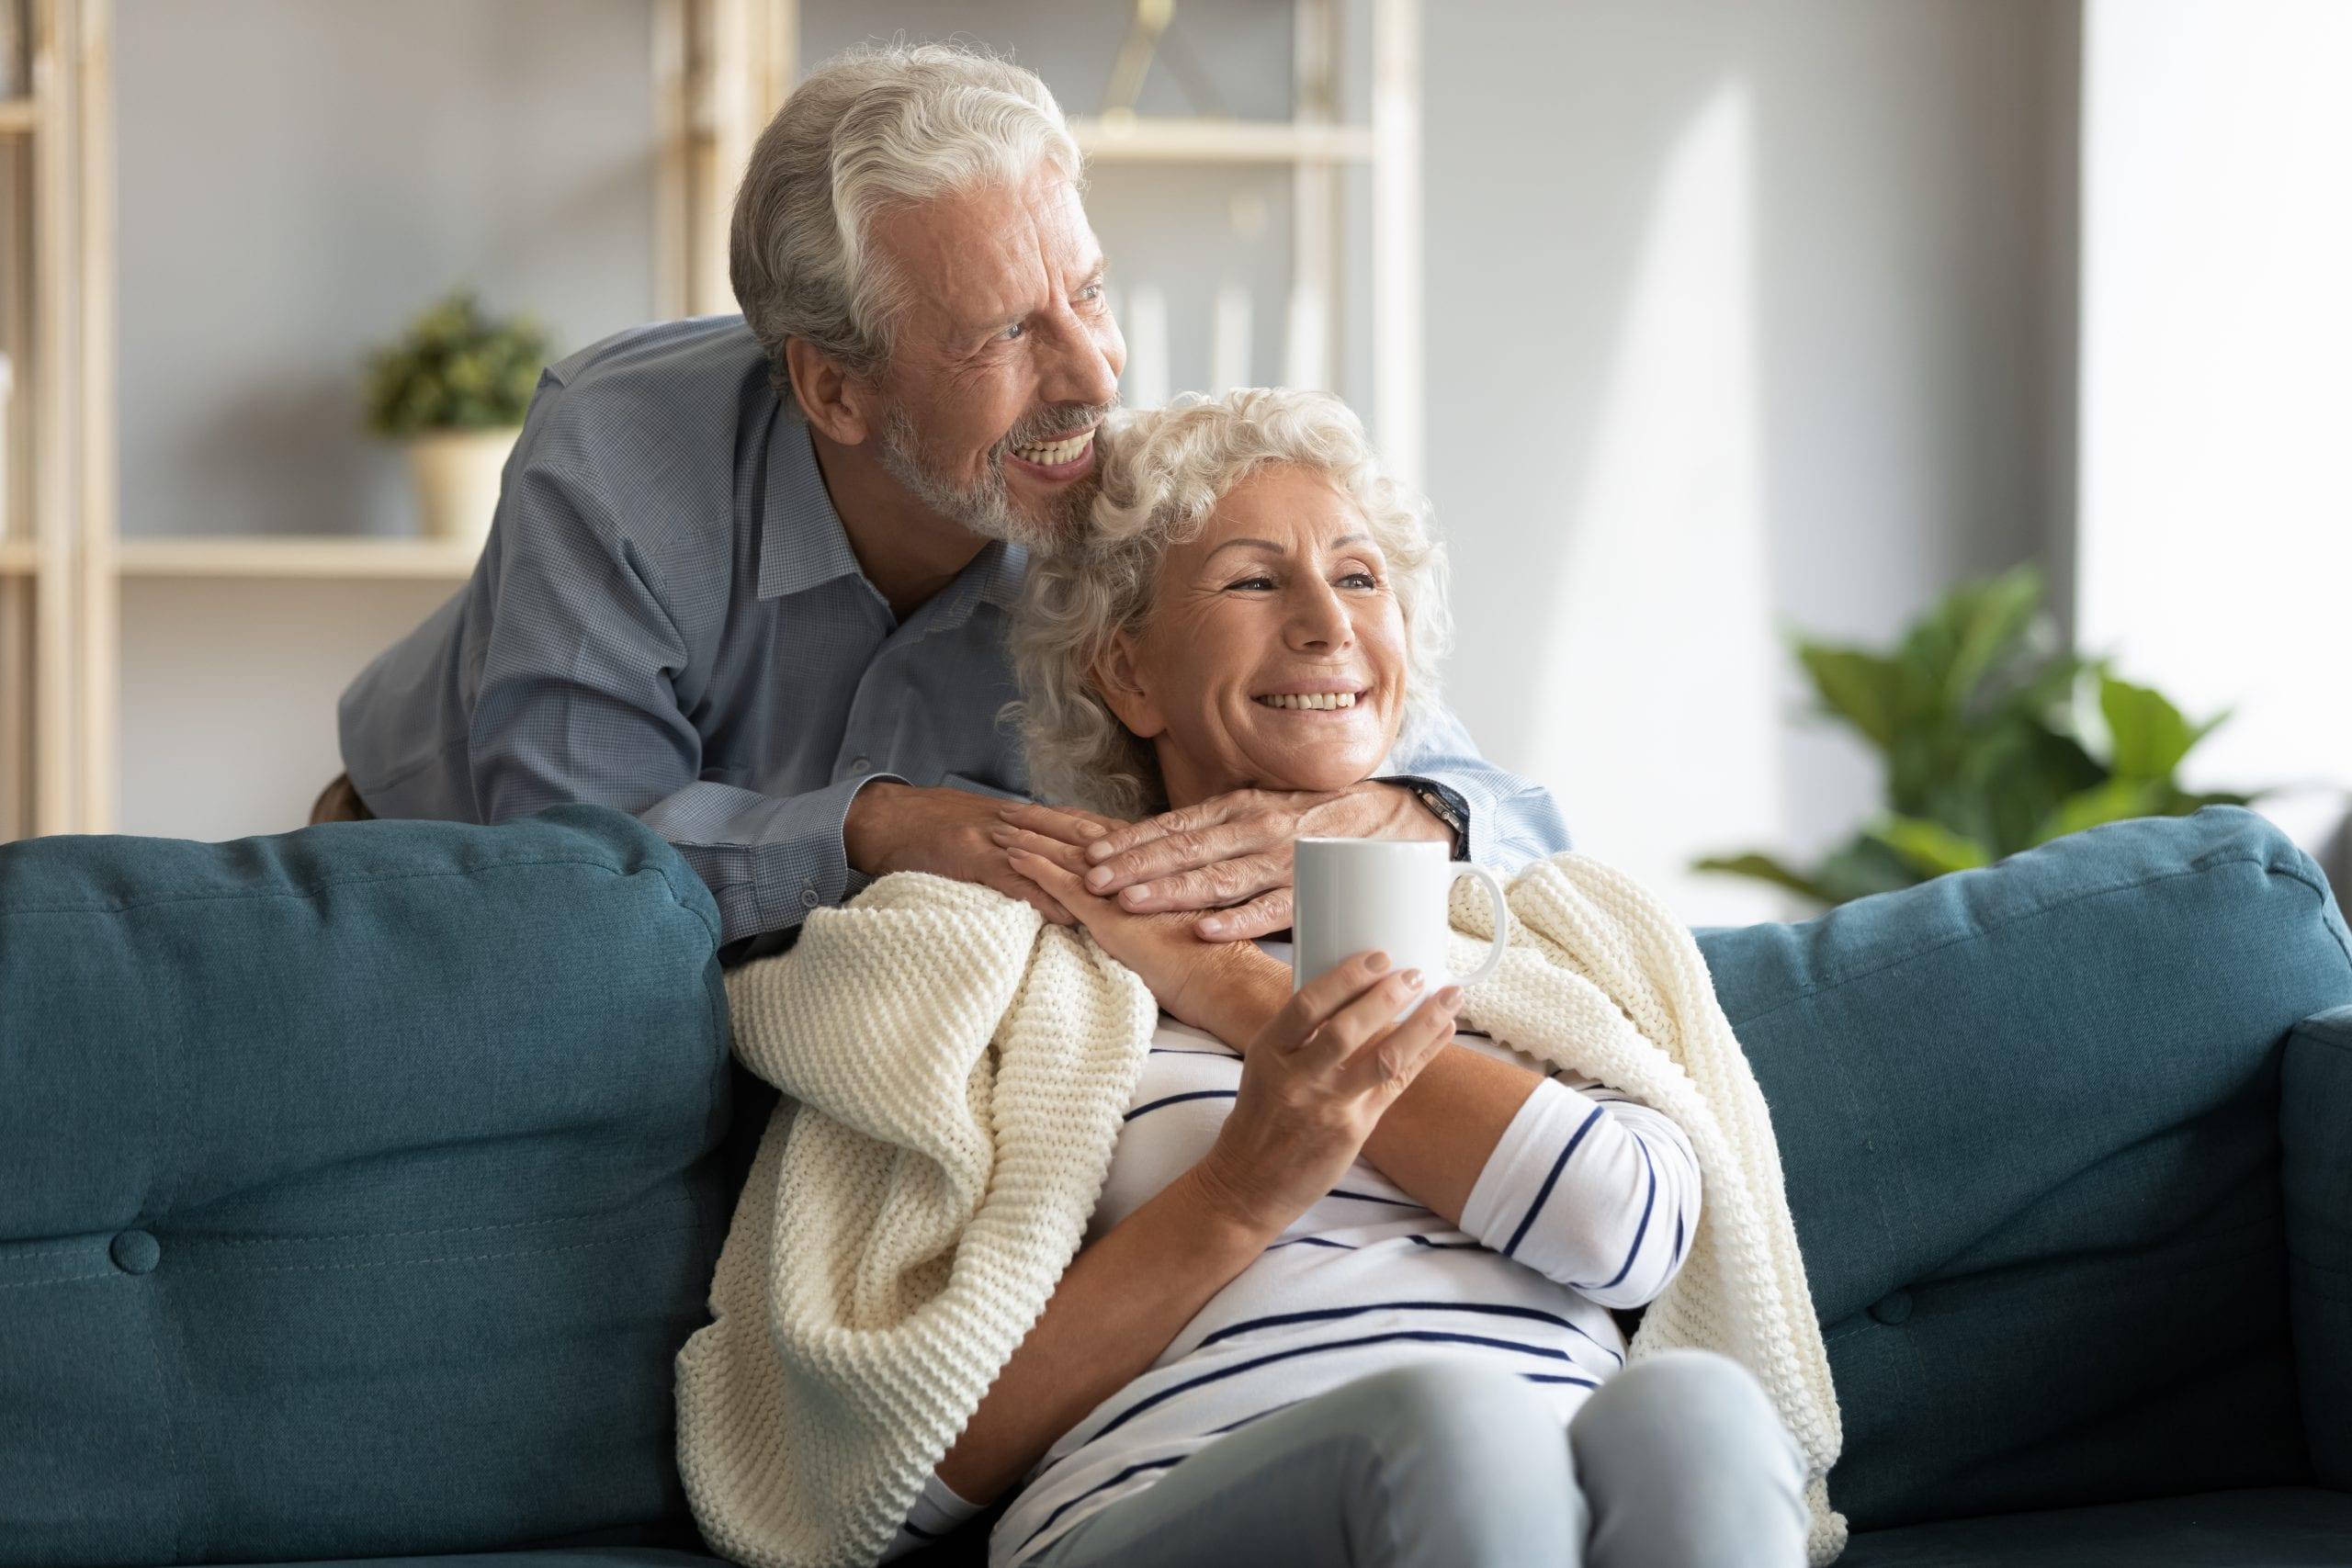 Zufriedener Rentner umarmt seine Ehefrau, die auf dem Sofa vor ihm sitzt